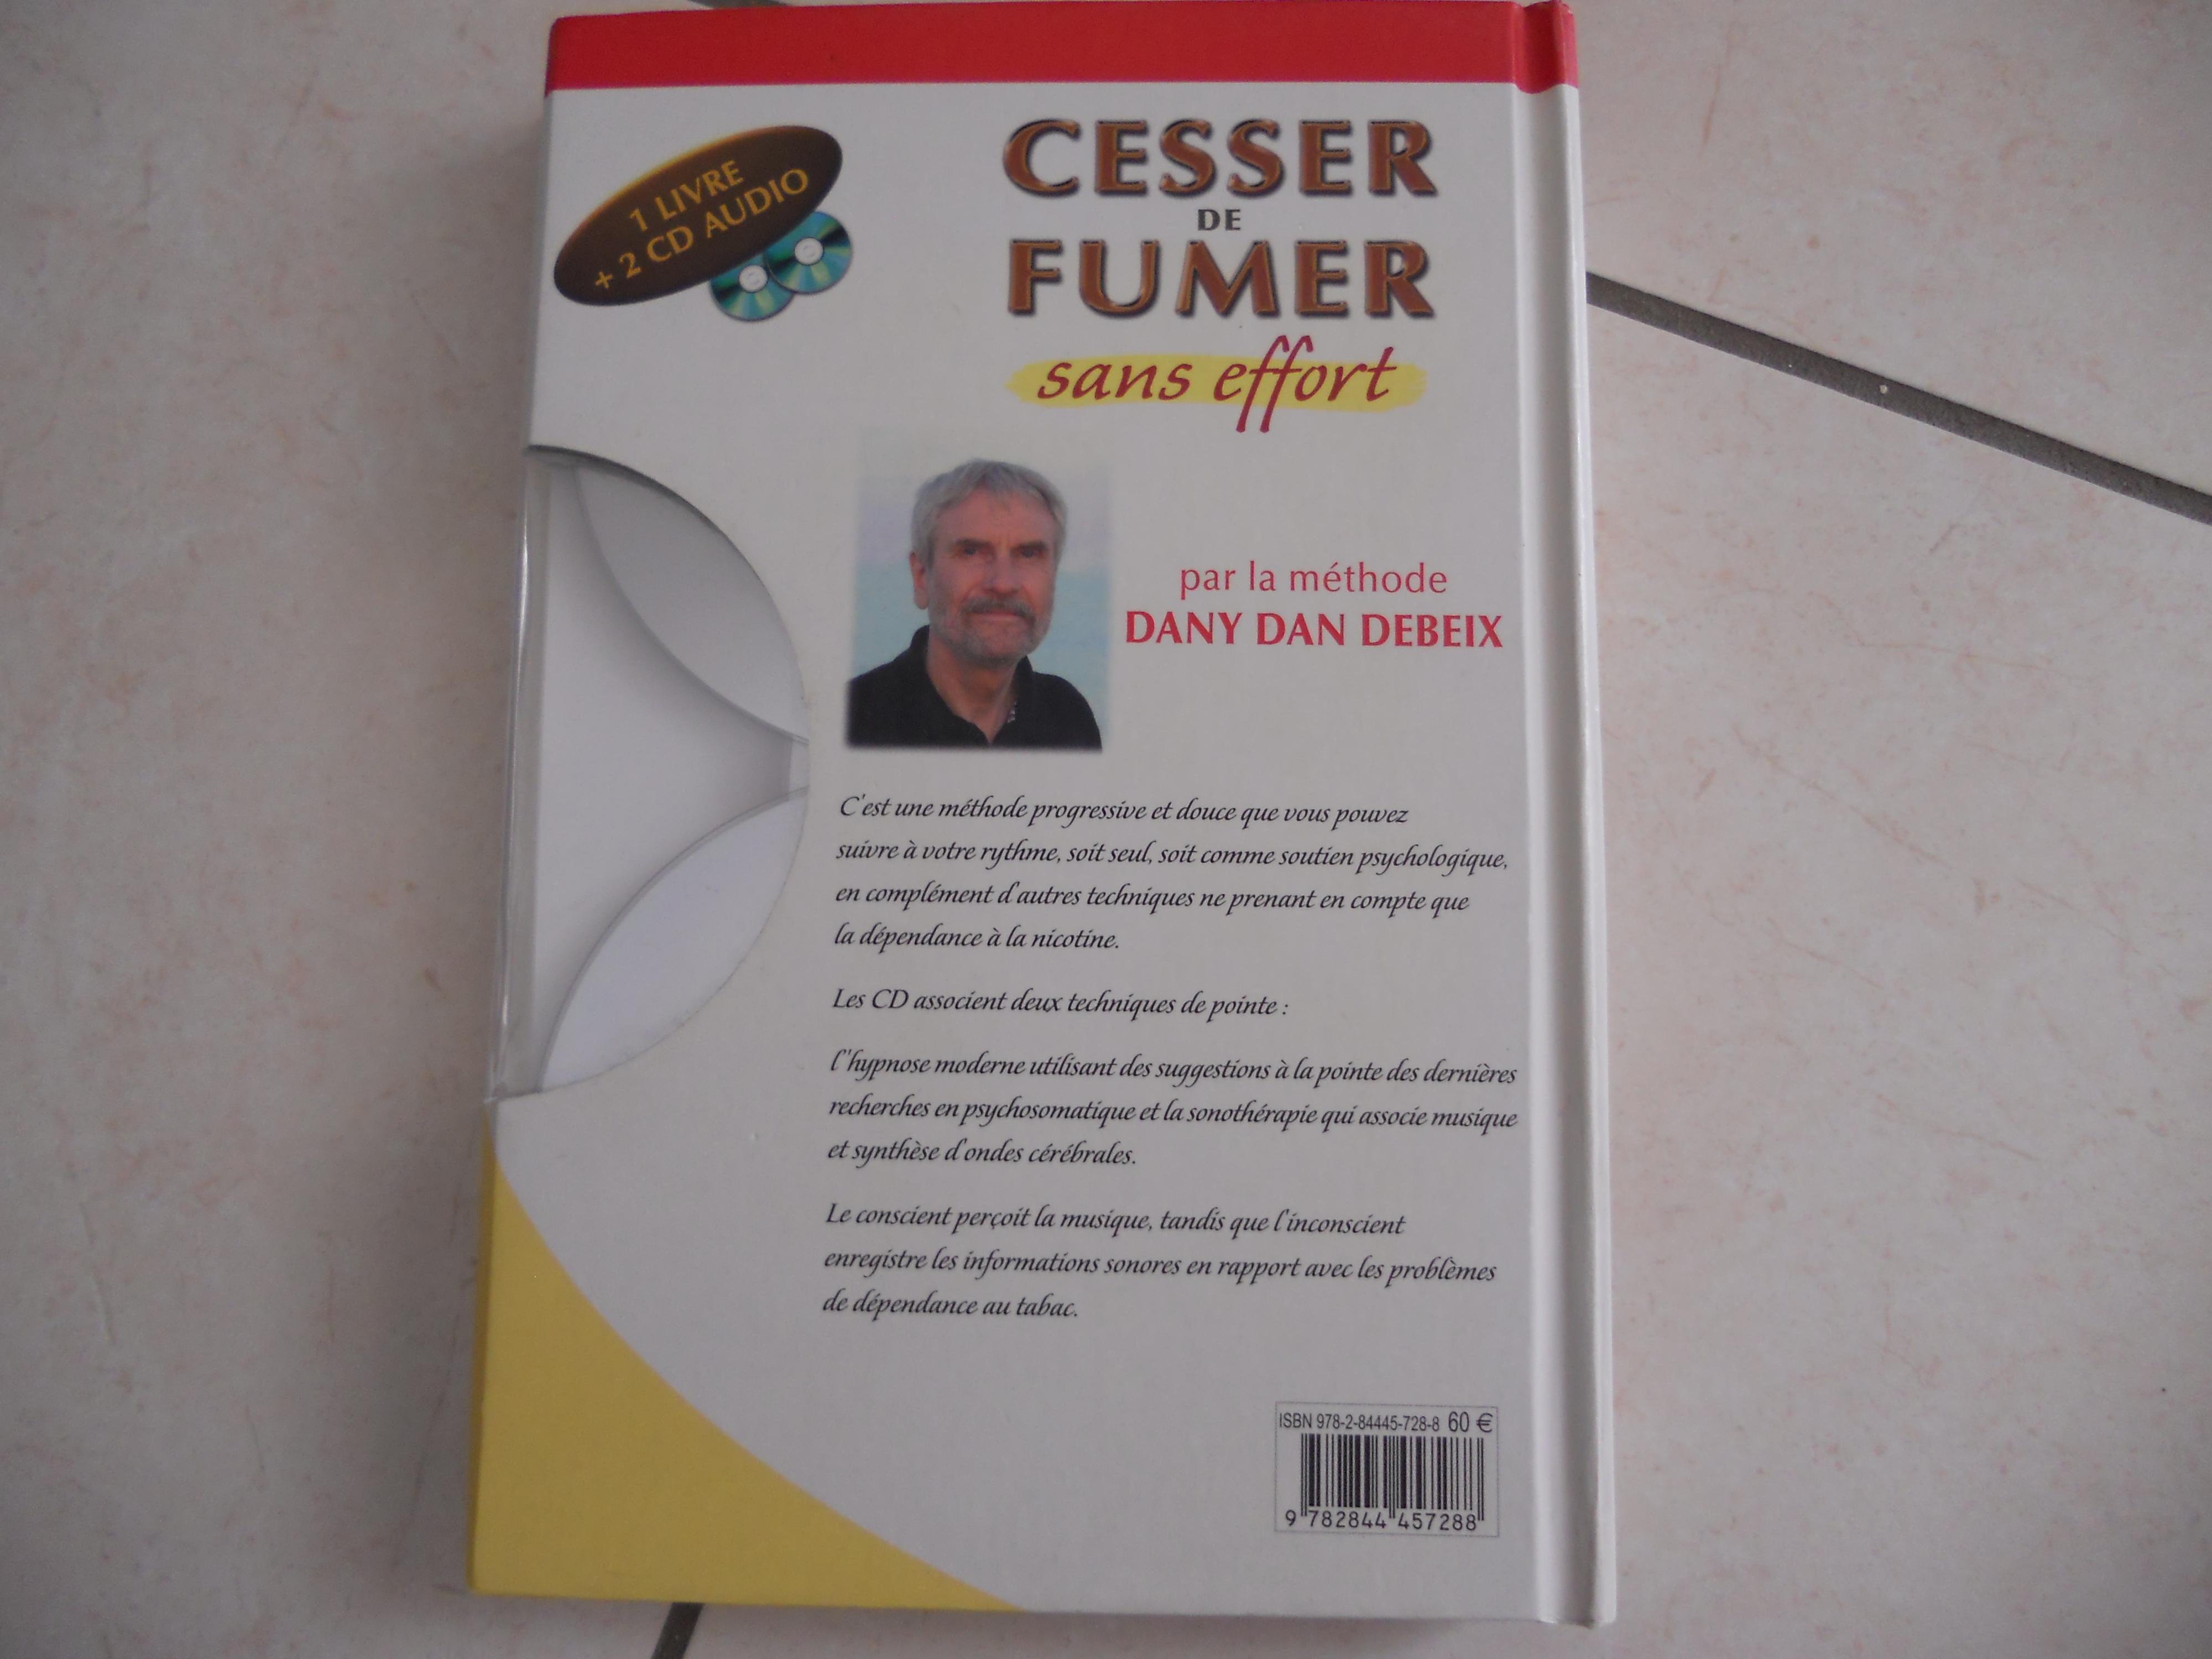 troc de troc livre cd cesser de fumer - réservé image 1